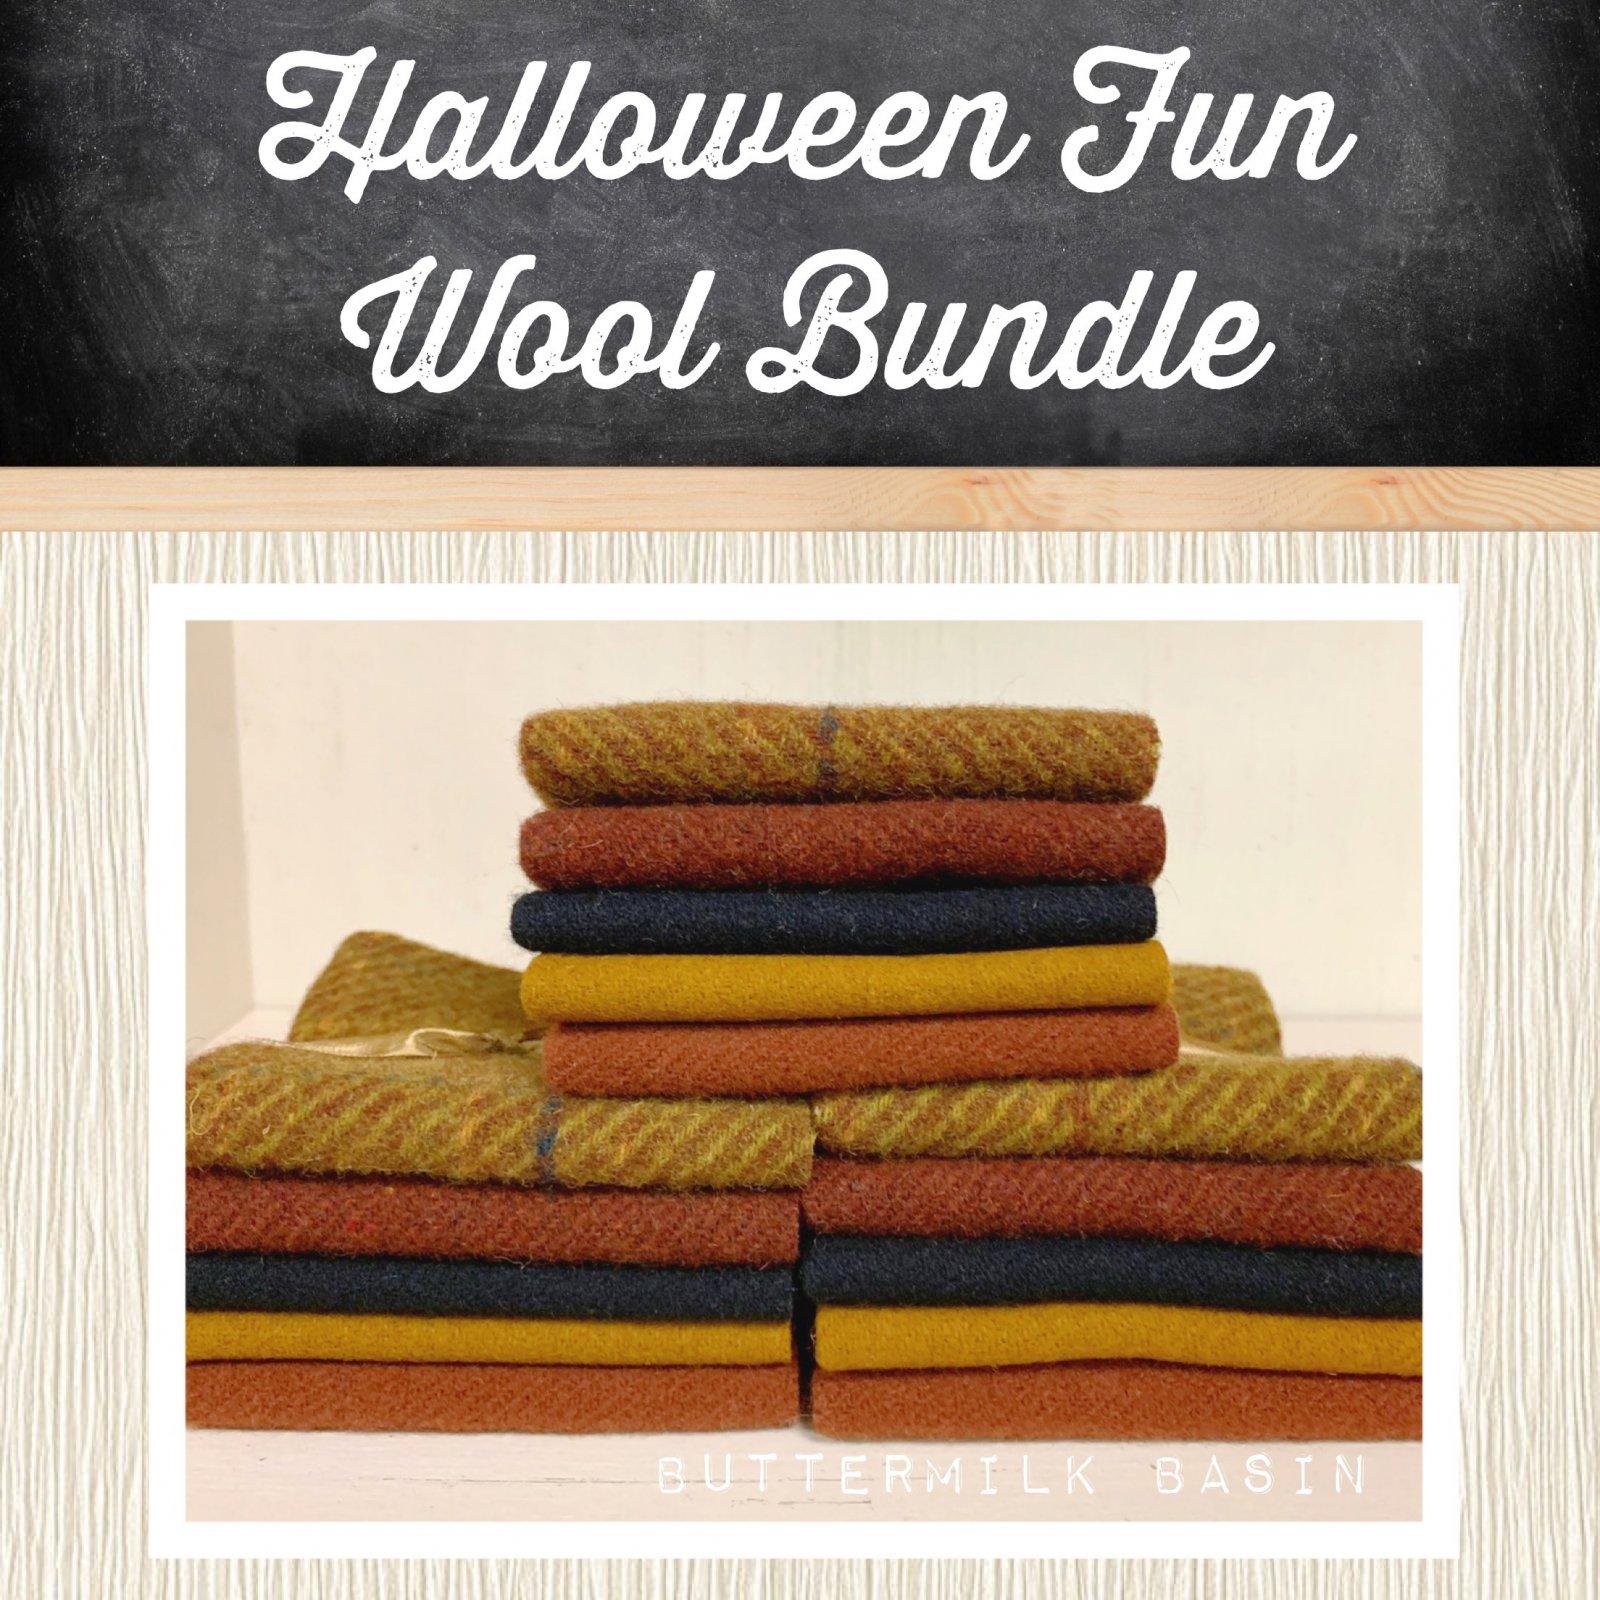 Halloween Fun Wool Bundle